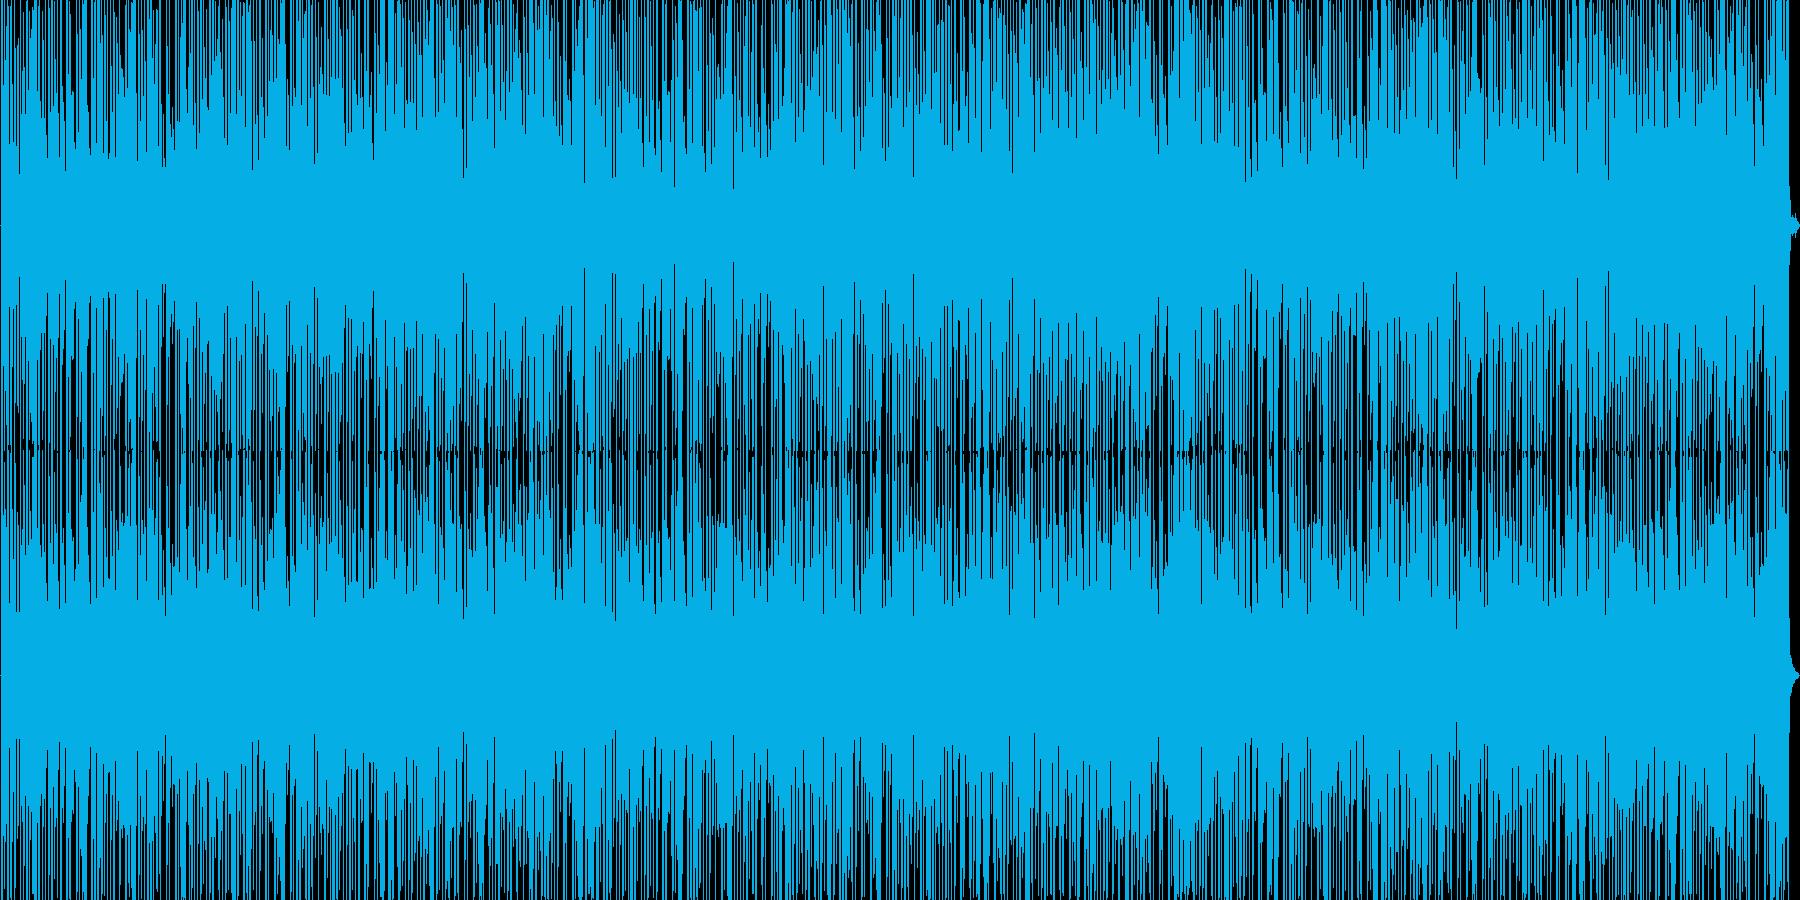 ほのぼの系リズミカルBGMの再生済みの波形